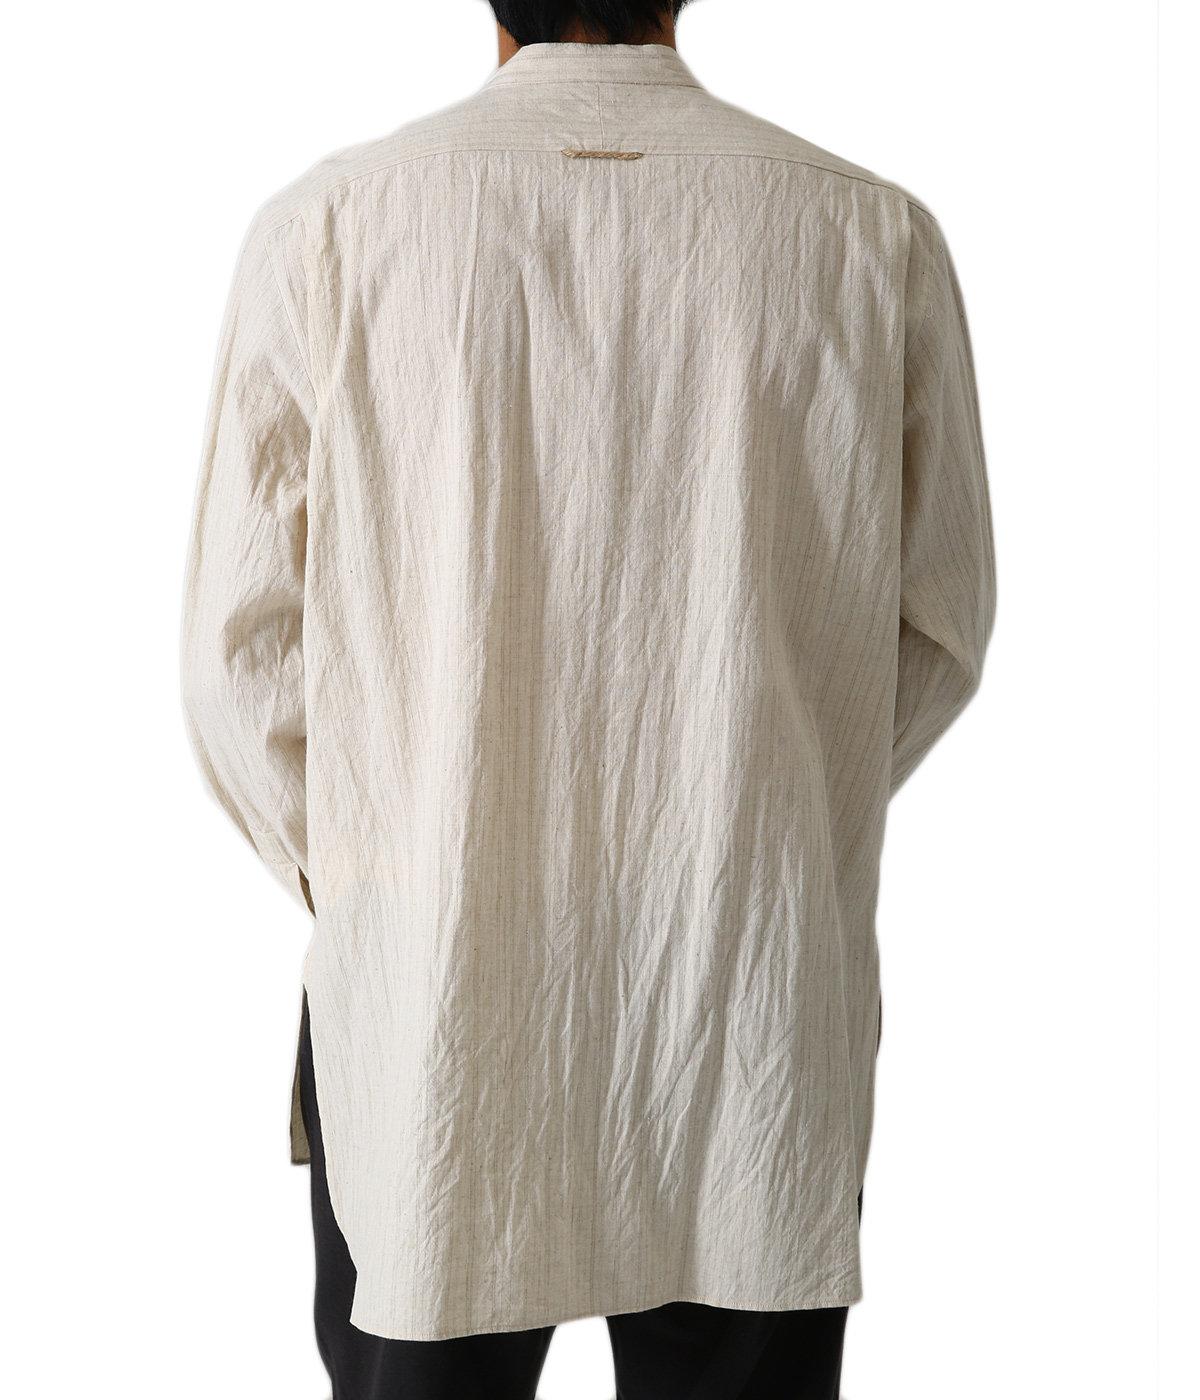 バンドカラーシャツ - 40157 -